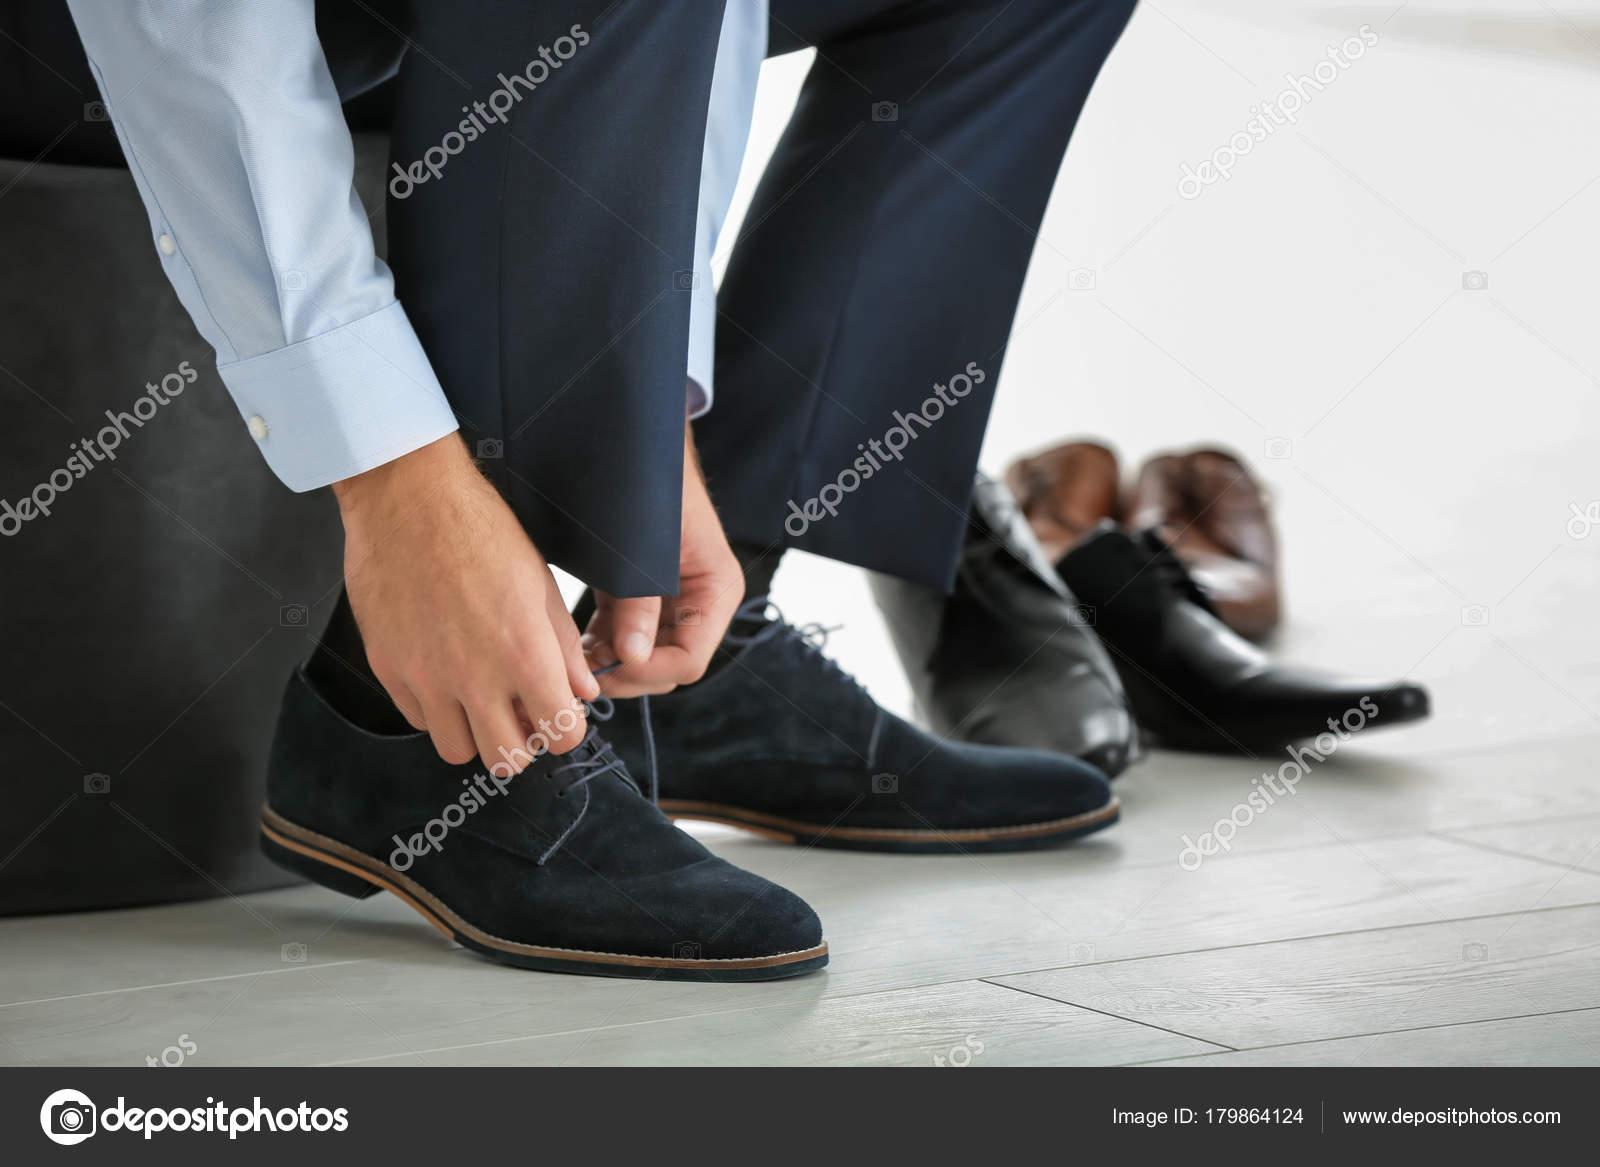 Belchonock Zapatos Stock Tienda De © — Joven Probándose Foto Hombre nw80kXPNO